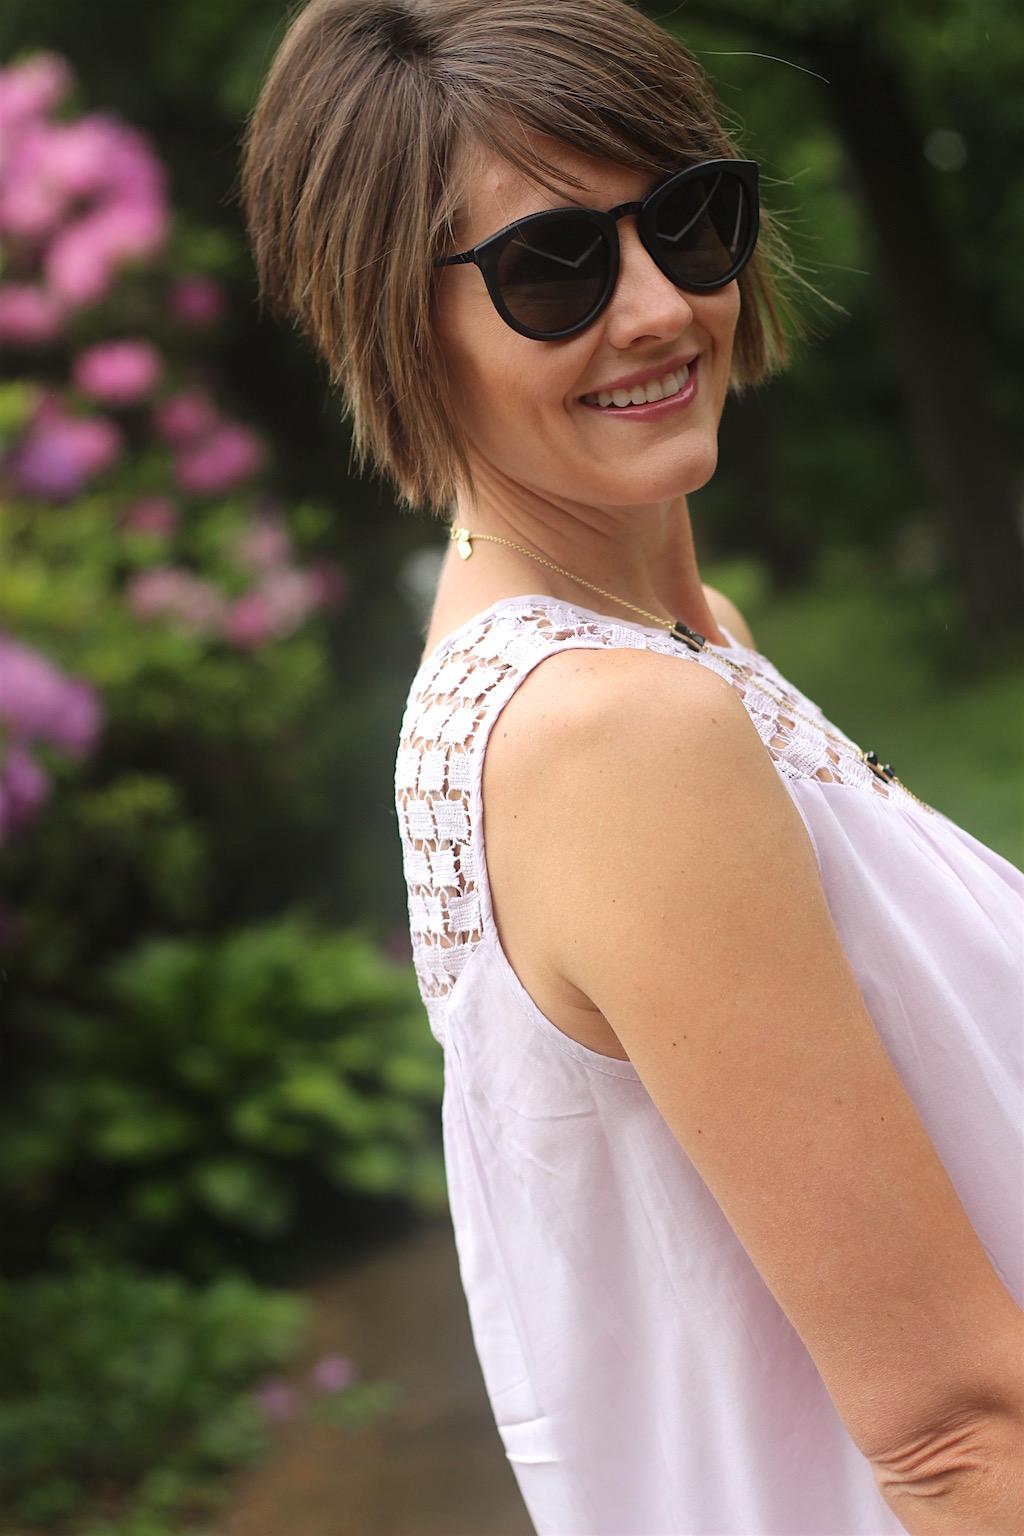 lavendertop7